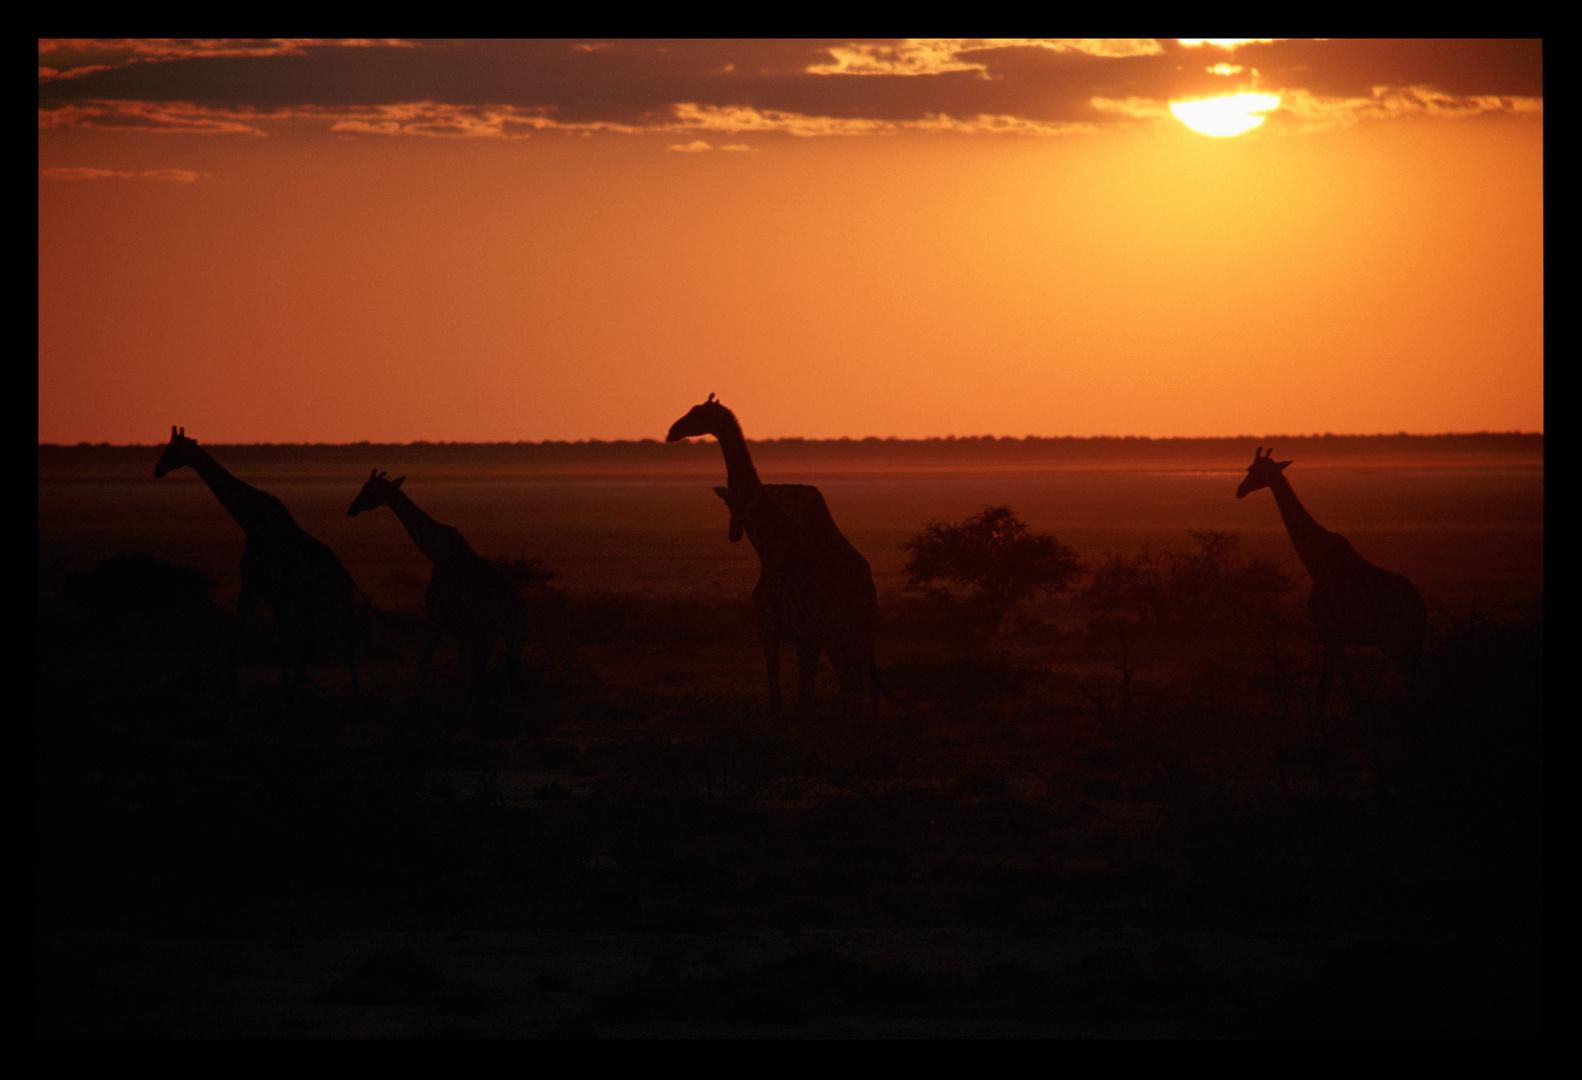 Sonnenuntergang im Etosha Nationalpark